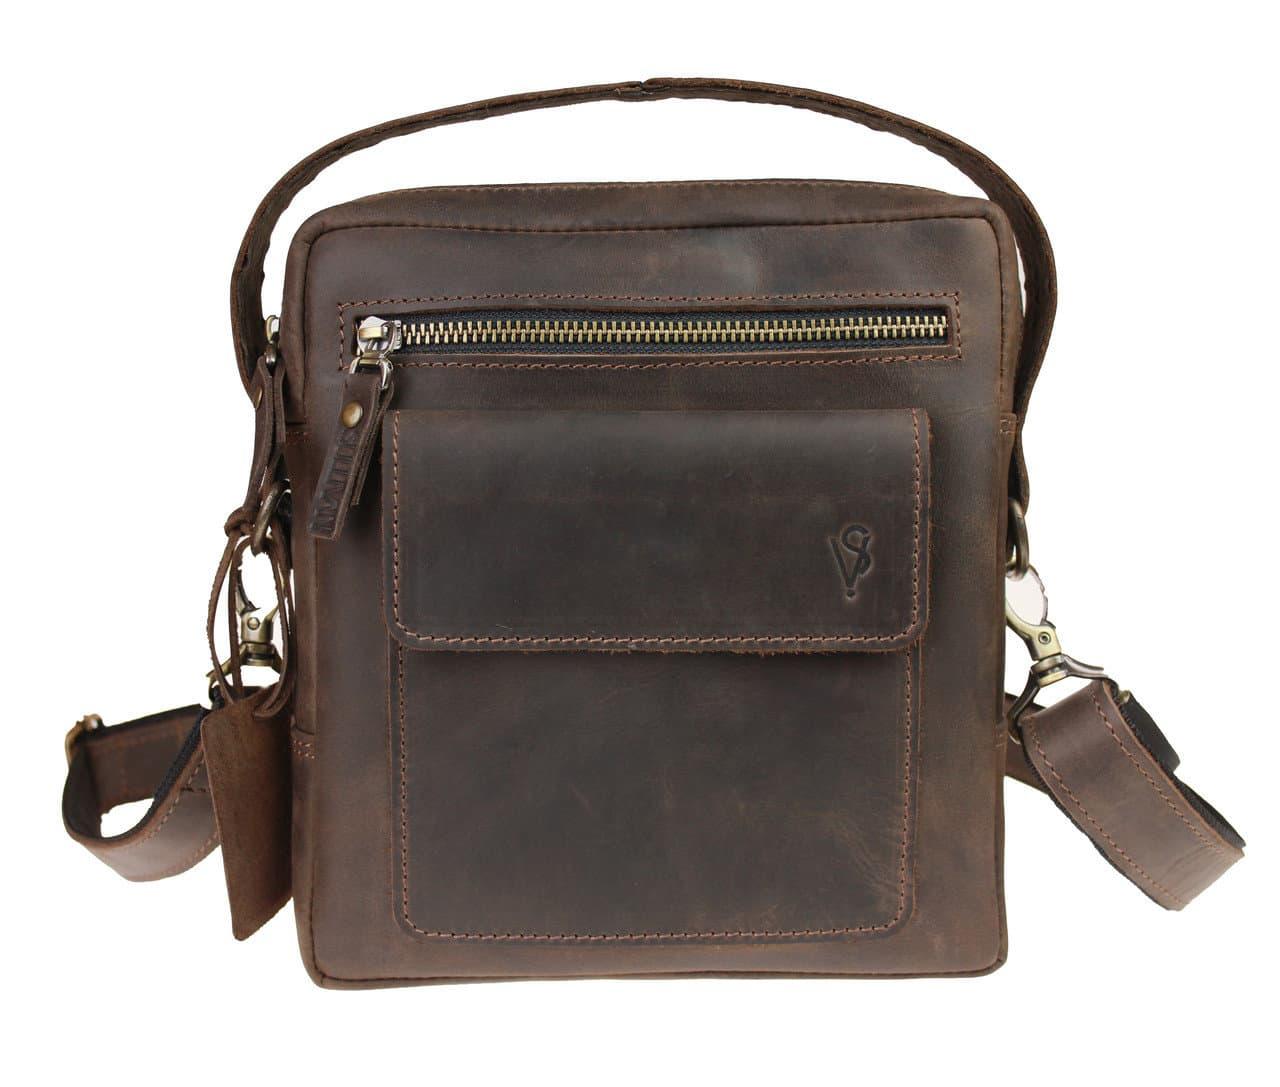 9cd3046b7e45 Купить мужскую сумку через плечо в Киеве и Украине - Кенгуру интернет  магазин мужских сумок